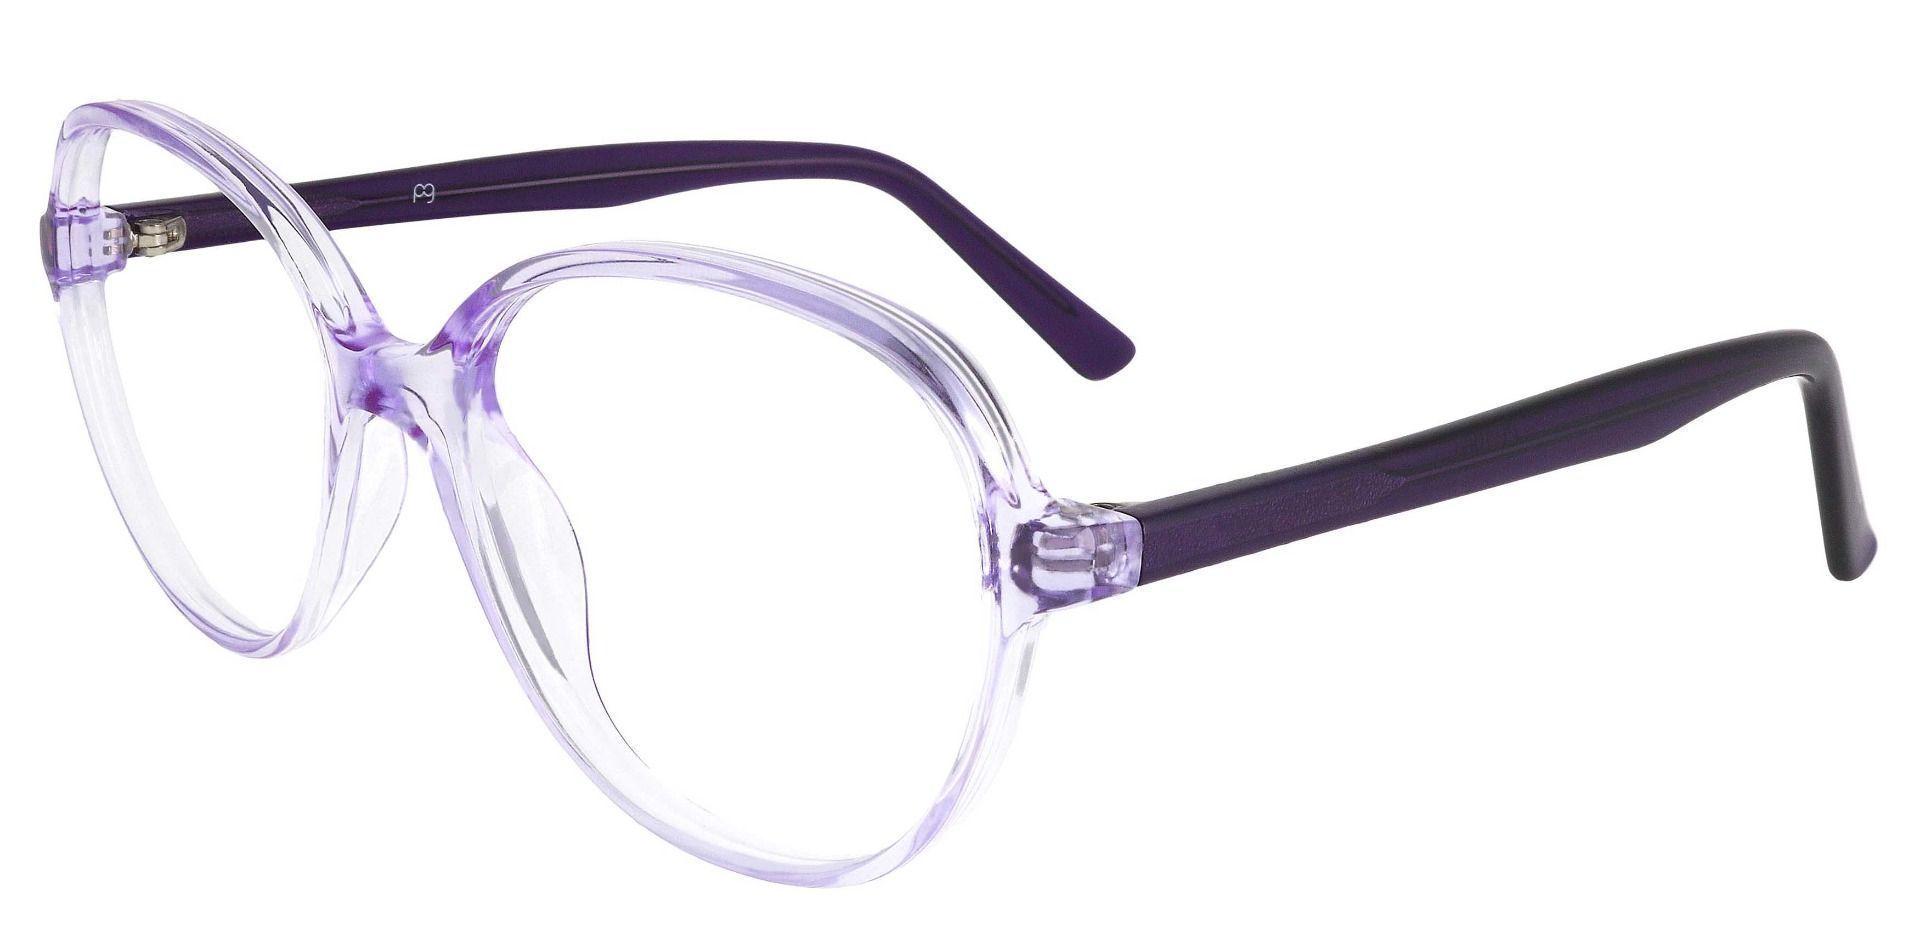 Luella Oval Prescription Glasses - Purple